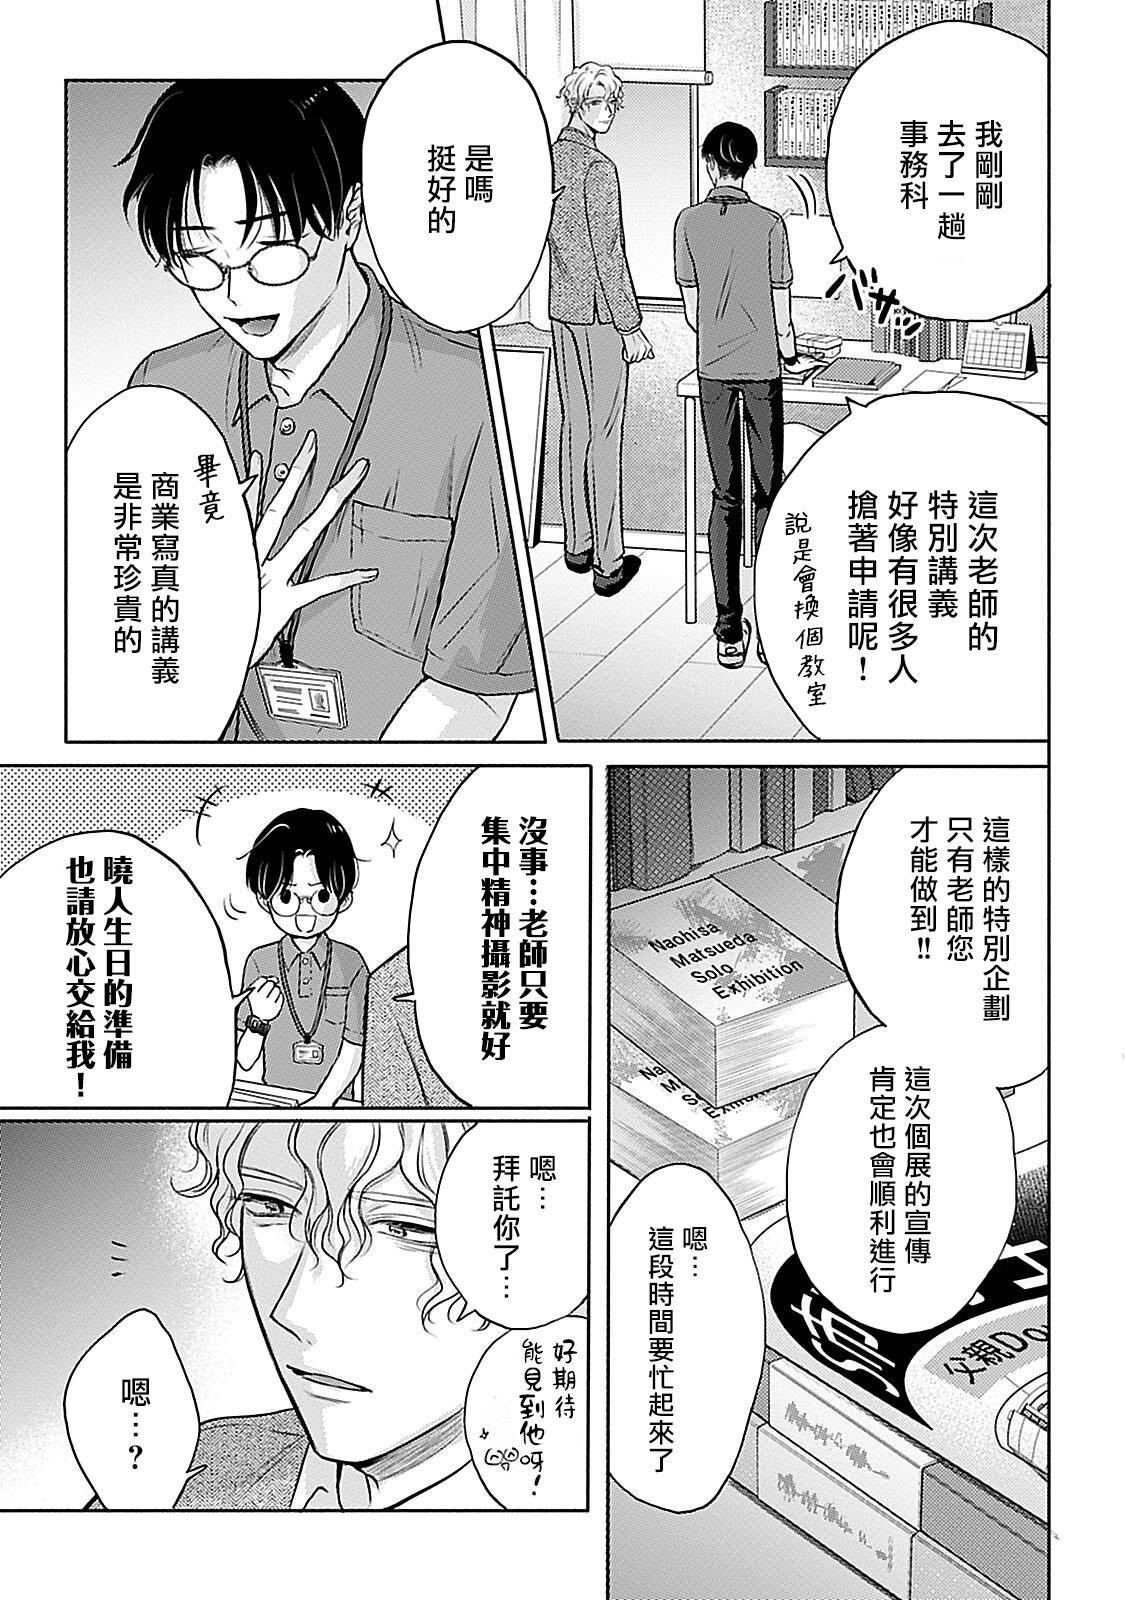 Shujuu no Saga | 主仆之性 Ch. 4-5 13